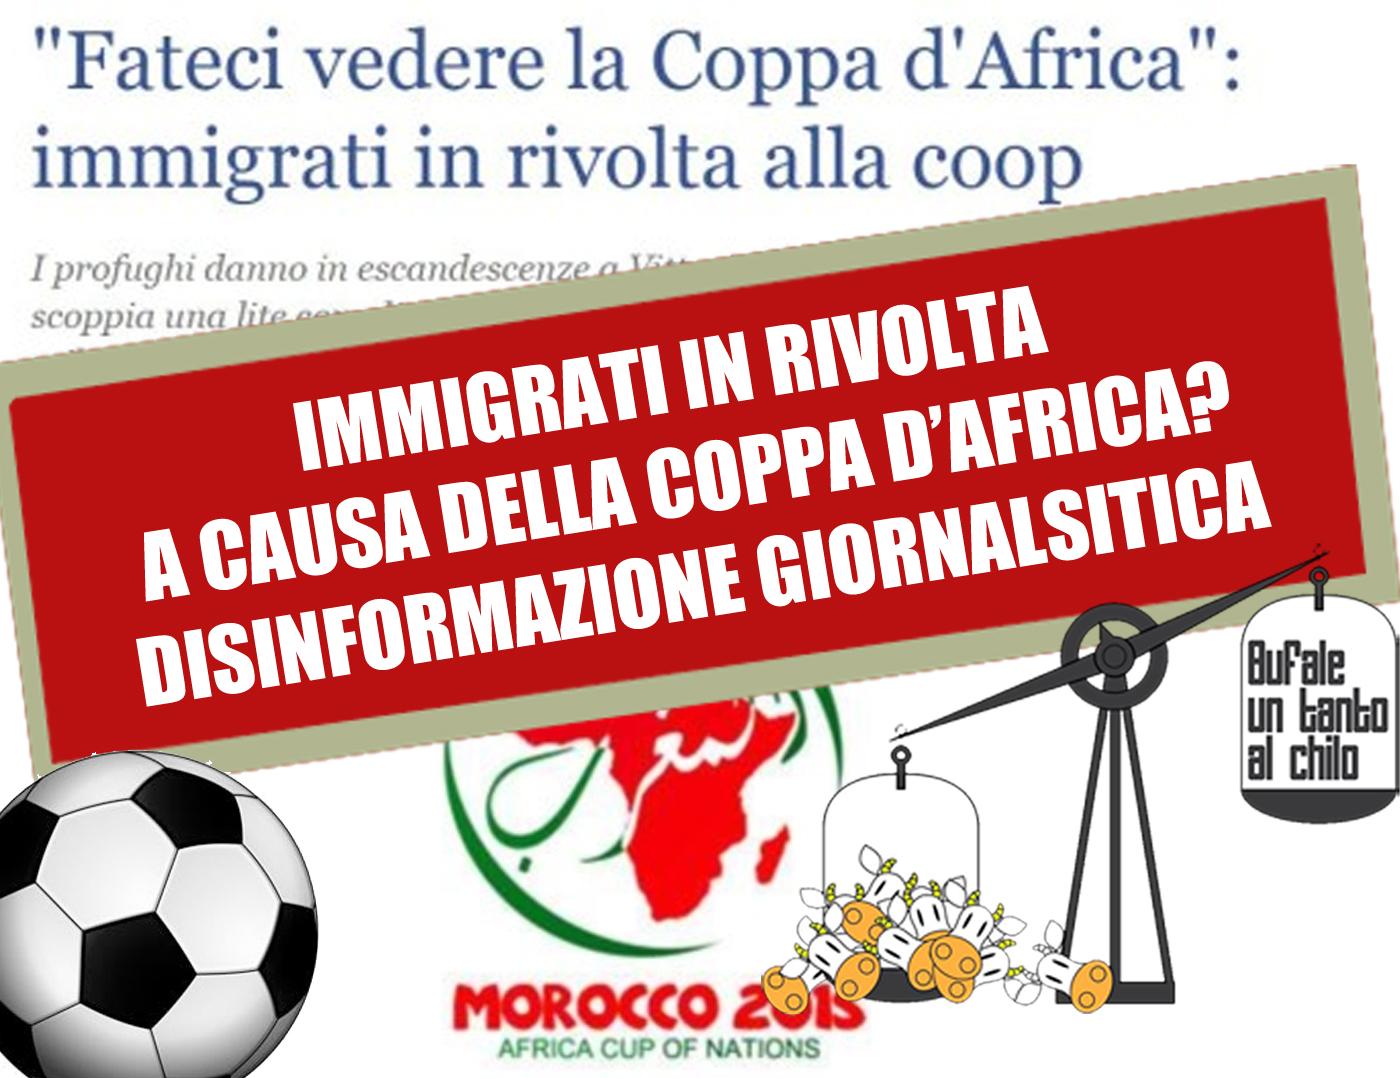 be5aaf919a1 Quella rissa per vedere la Coppa d Africa — BUTAC - Bufale un tanto ...